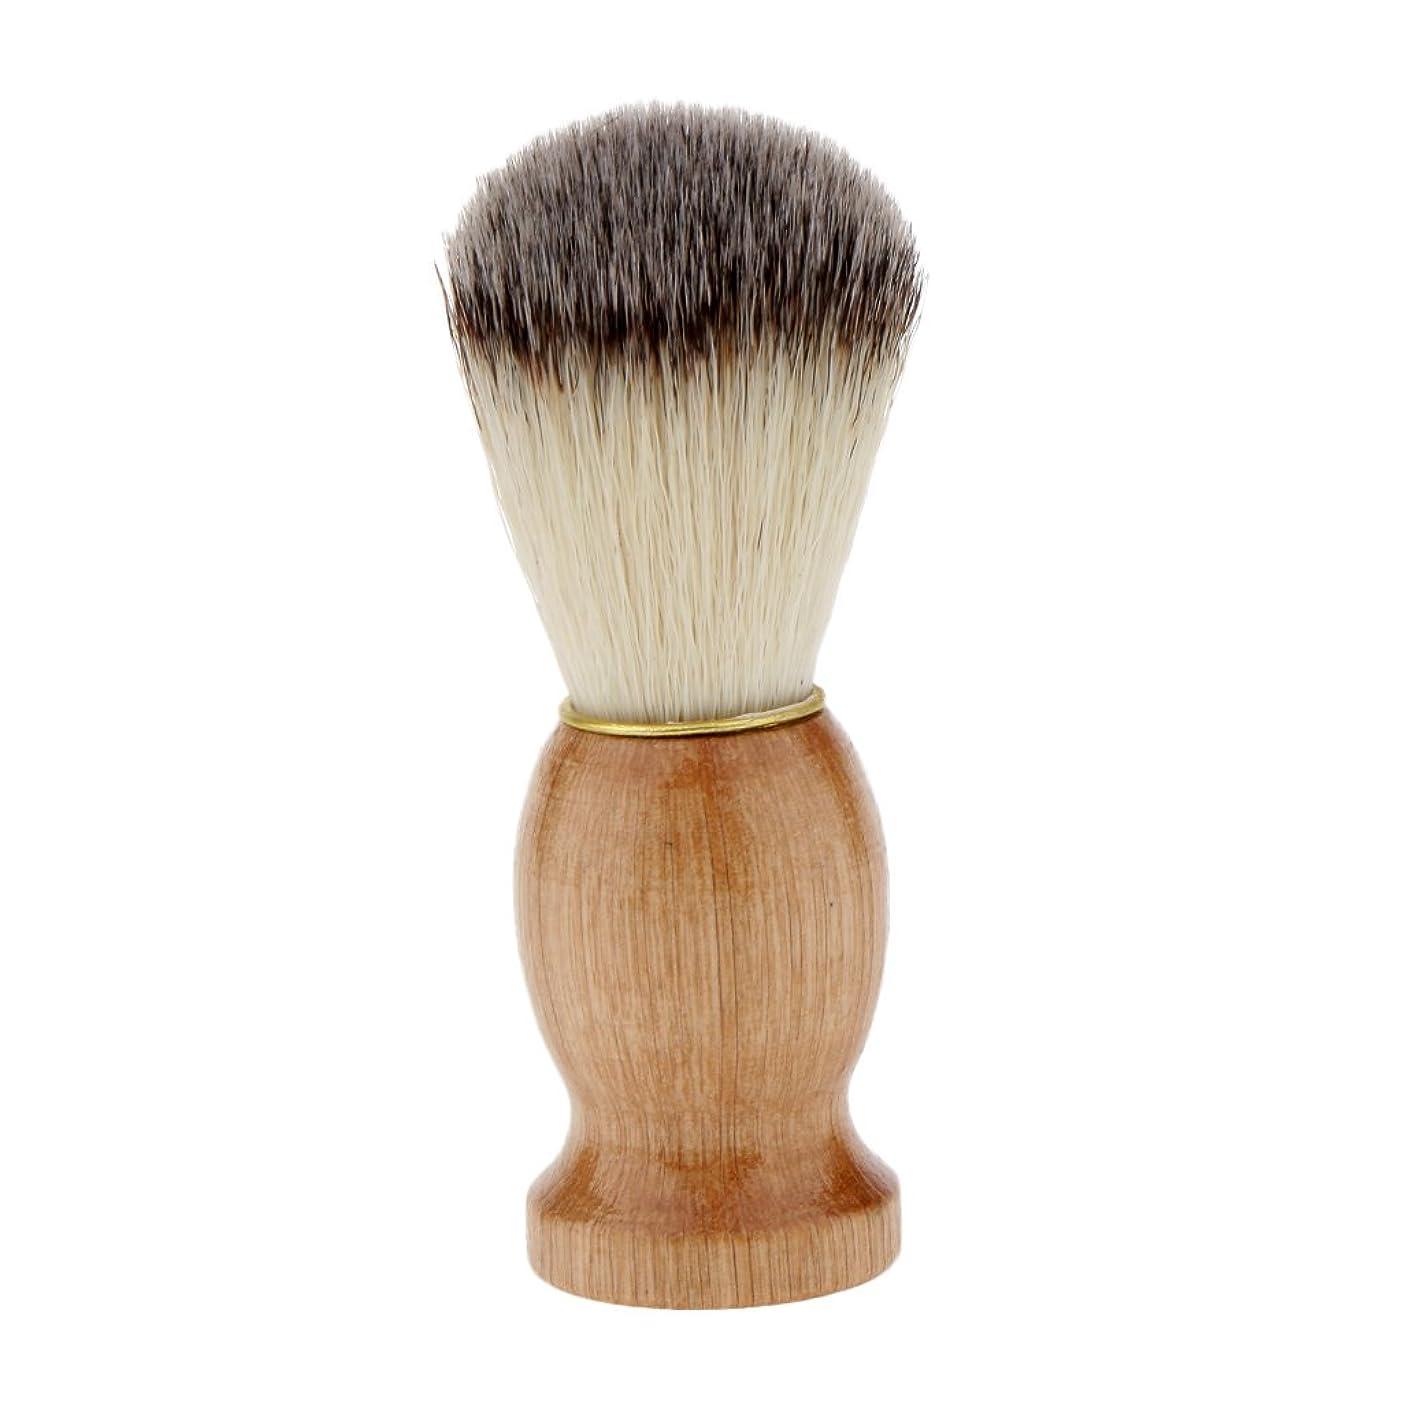 無限大仲良し交差点男性ギフト剃毛シェービングブラシプロ理髪店サロン剛毛ブラシウッドハンドルダストクリーニングツール